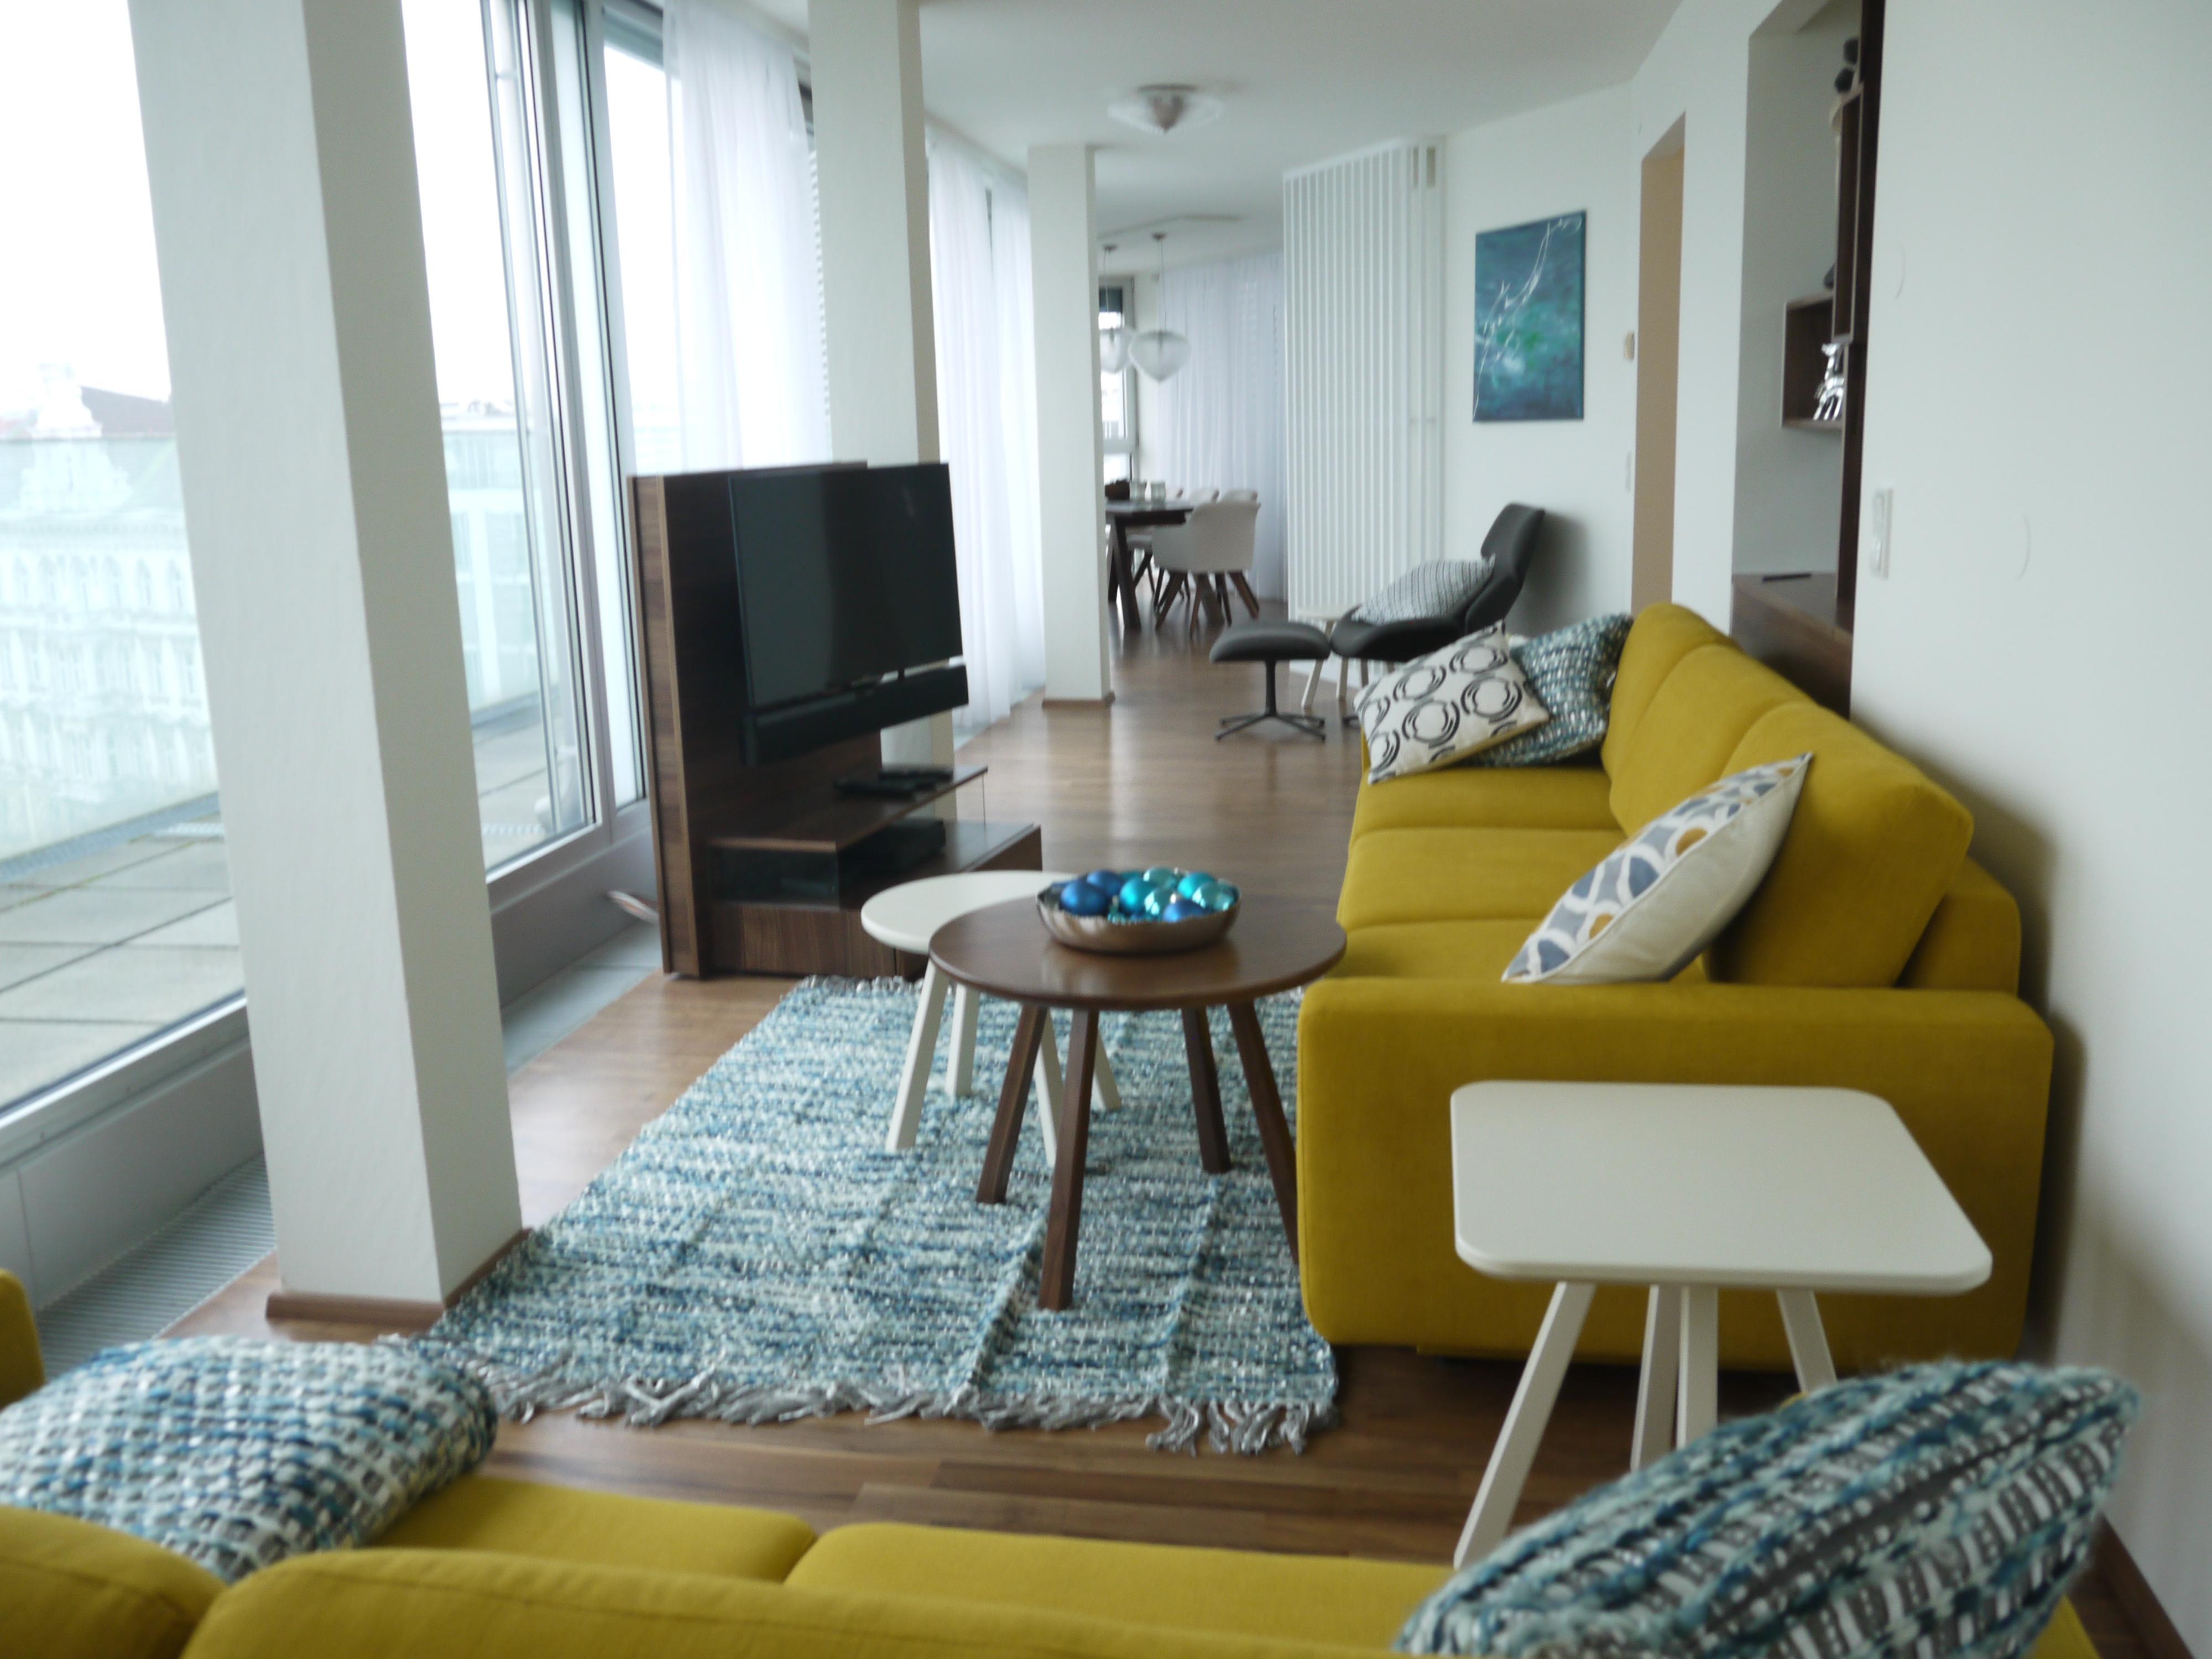 Einrichtungsideen Für Dachgeschosswohnung: Schlafzimmer